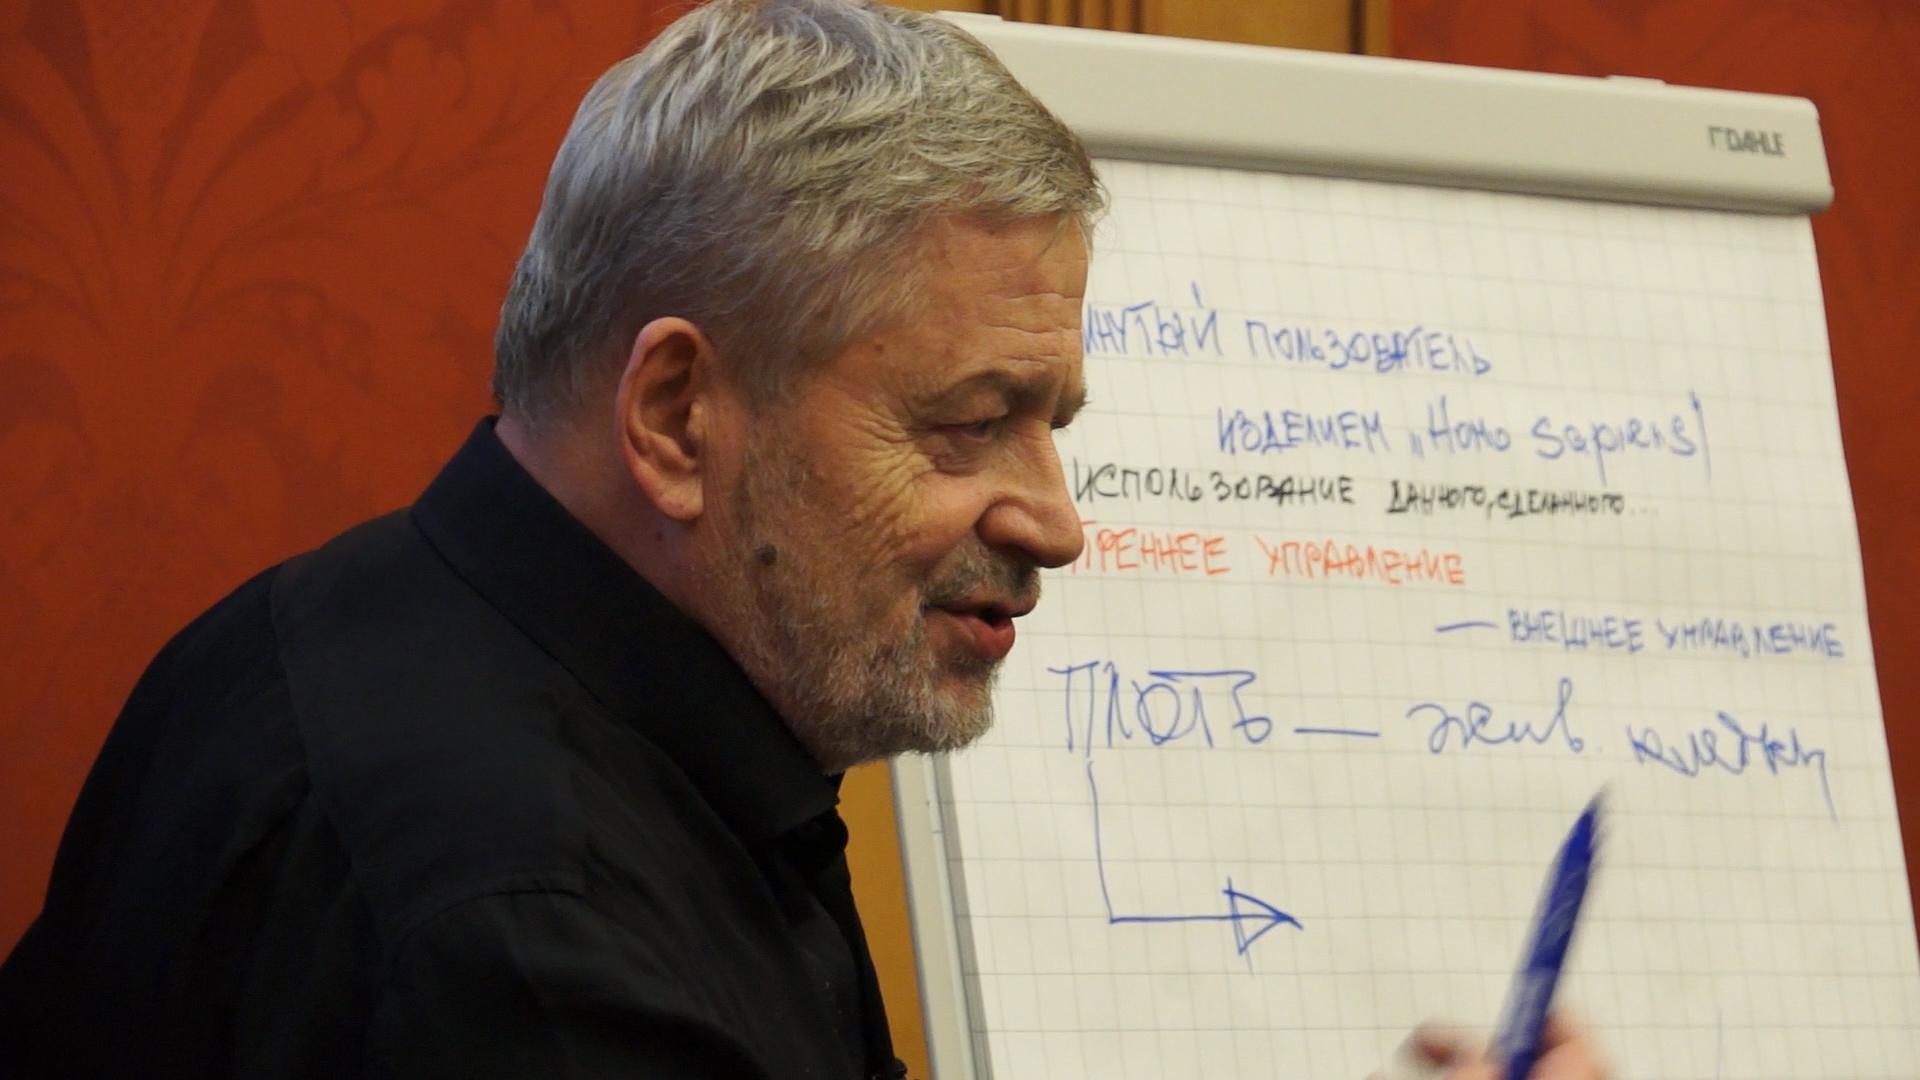 Цикл бесед в Москве «Вселенная субъективности. День первый», 14 марта в 17.00. В день беседы - только за наличный расчет. 00158